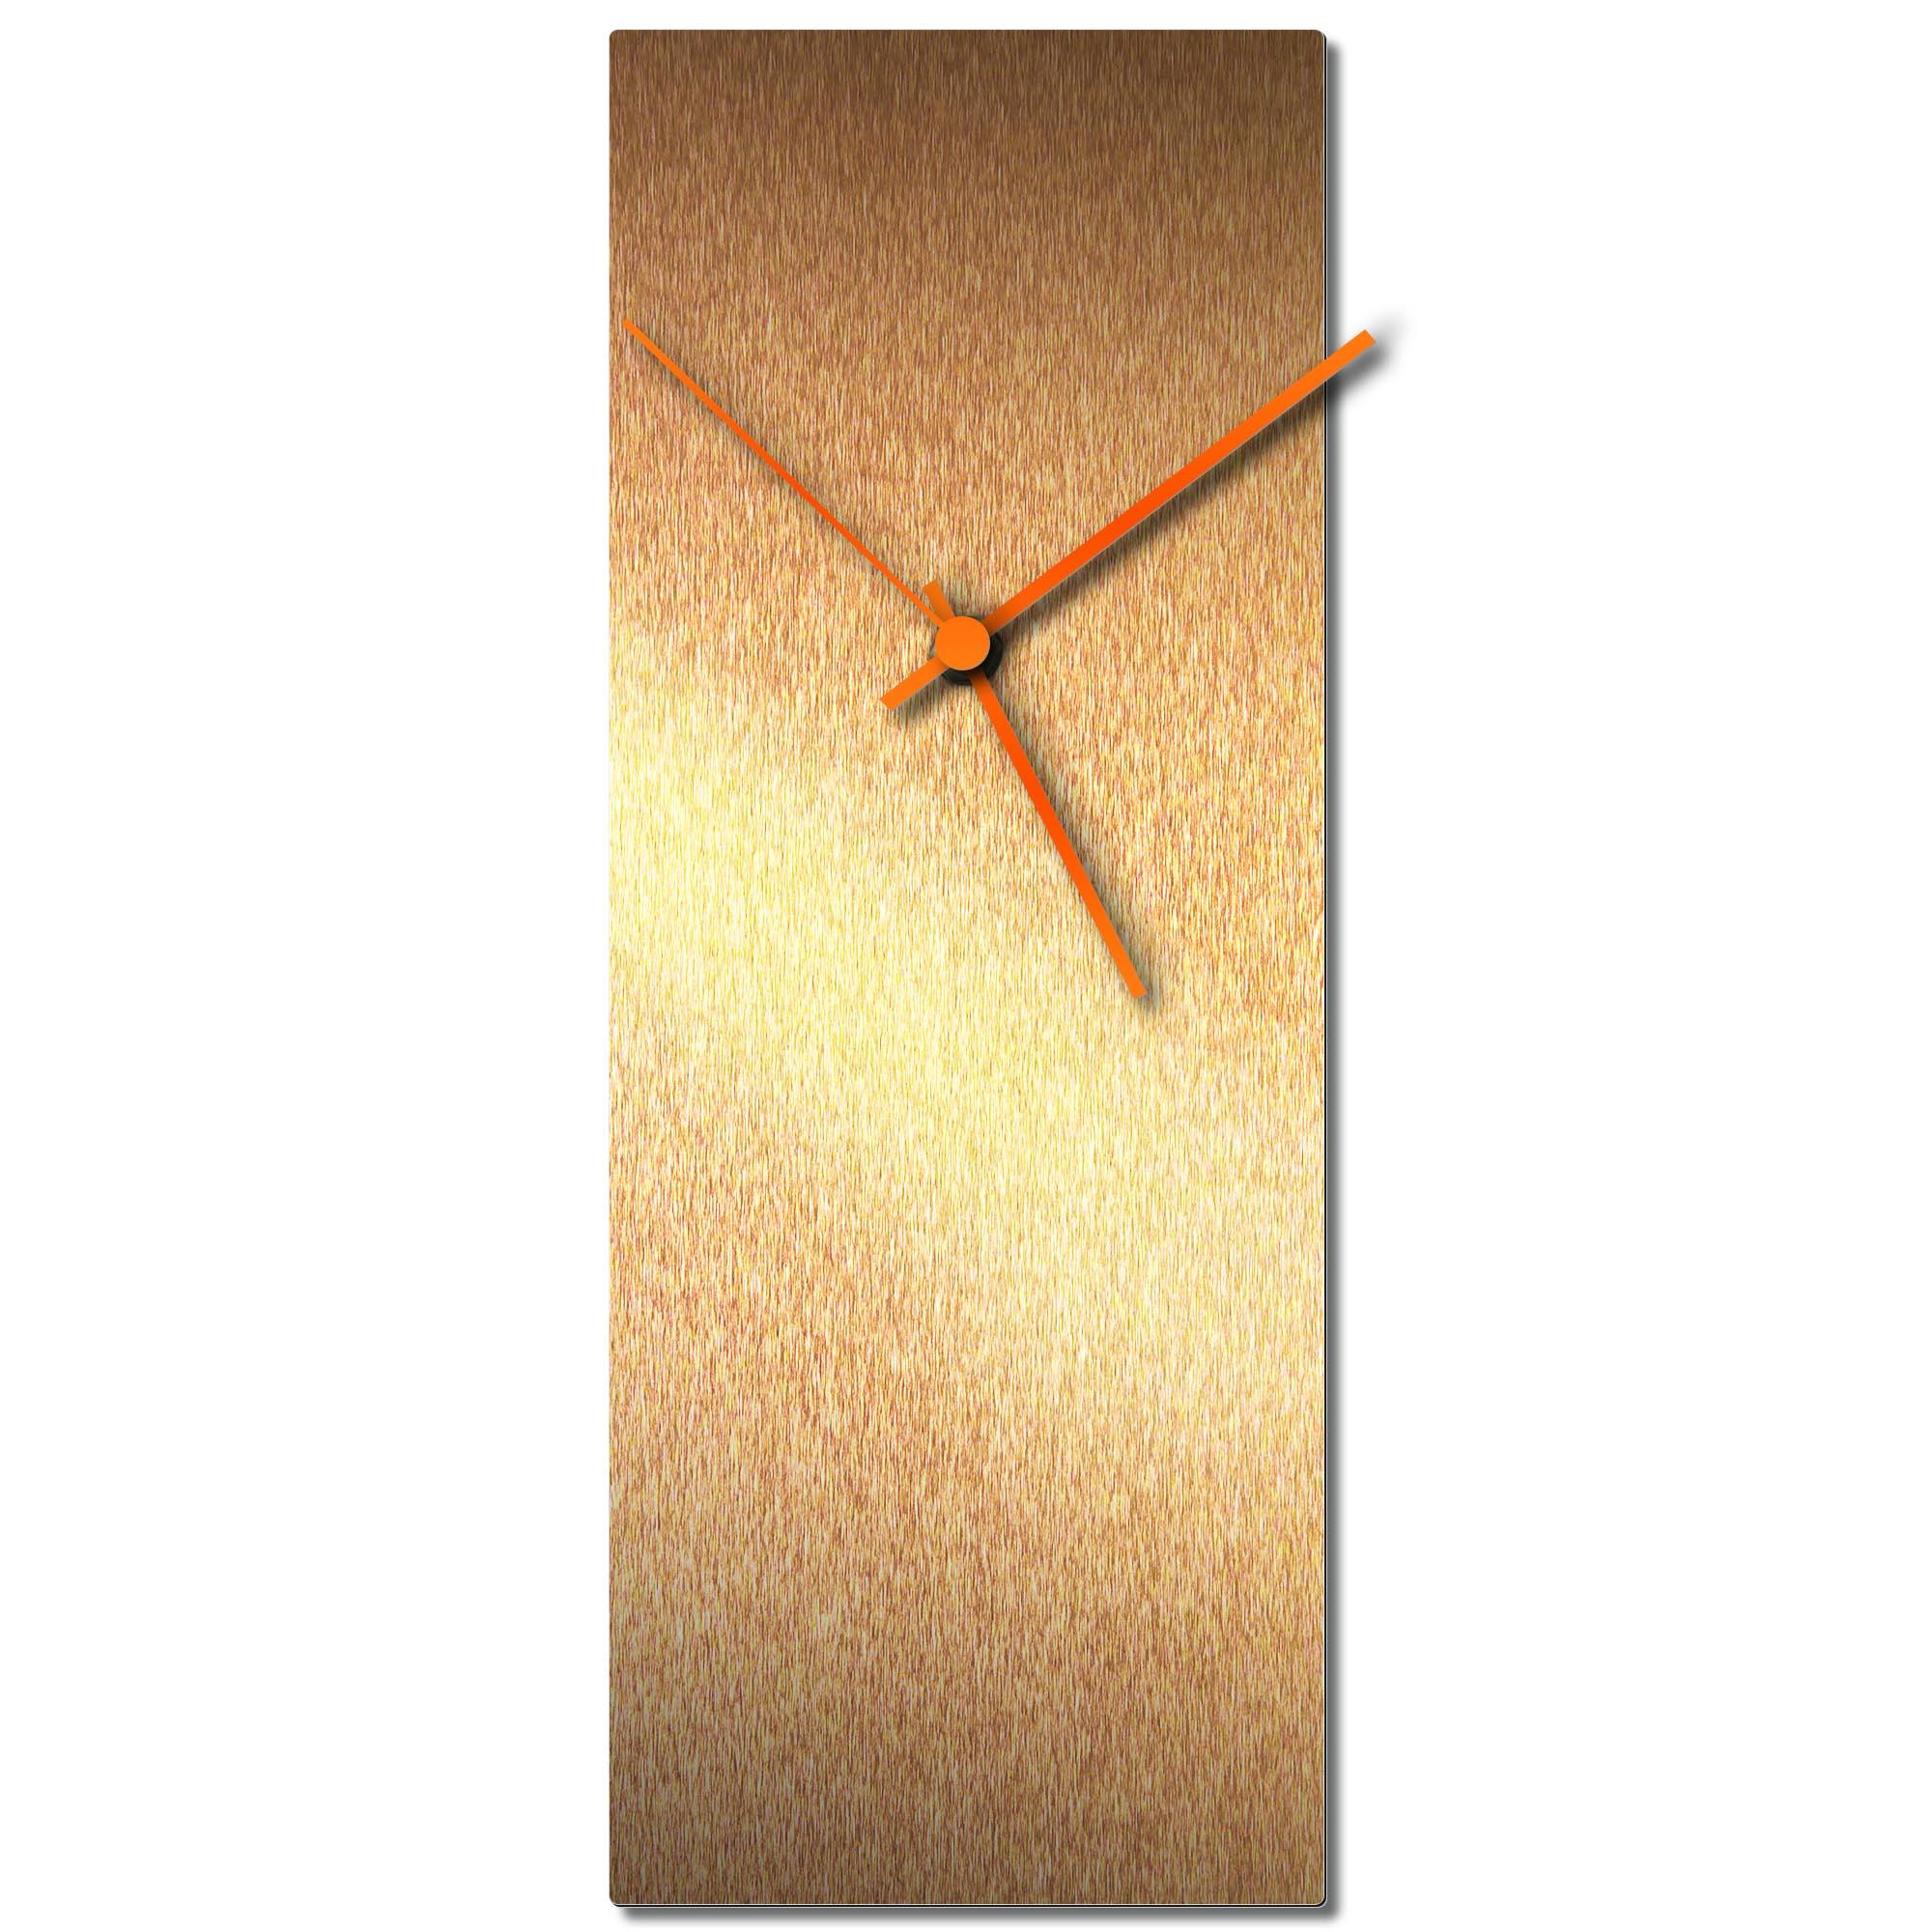 Adam Schwoeppe 'Bronzesmith Clock Orange' Midcentury Modern Style Wall Clock